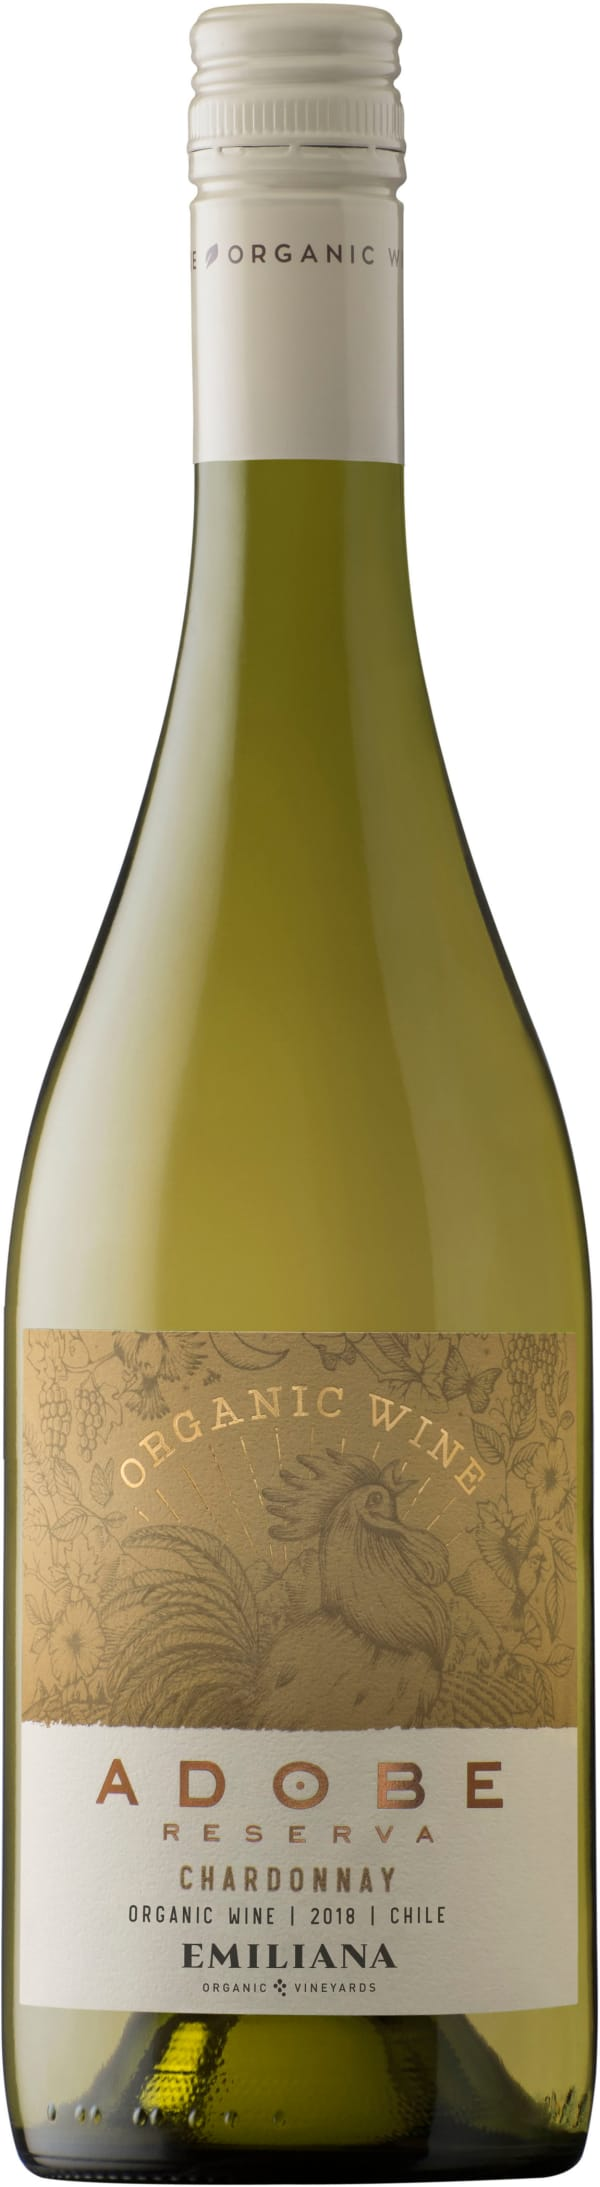 Adobe Reserva Chardonnay 2020